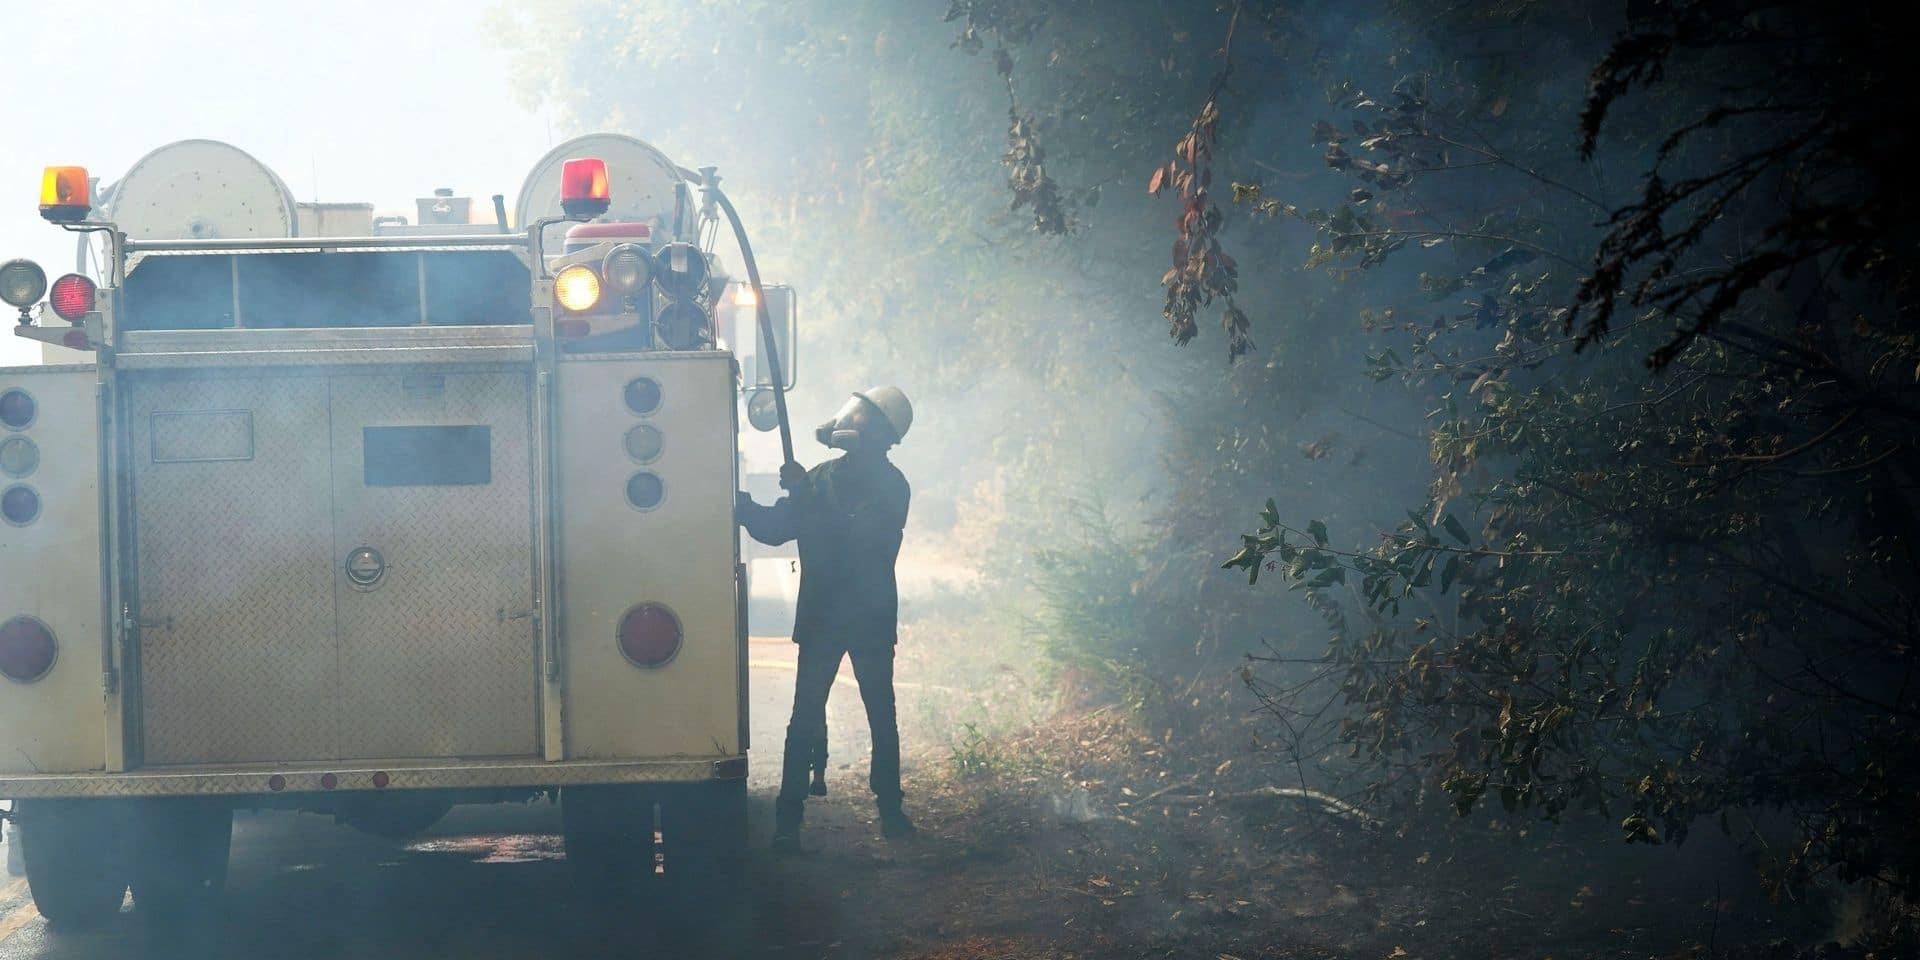 Incendies en Californie: plus de 200 personnes évacuées par hélicoptère